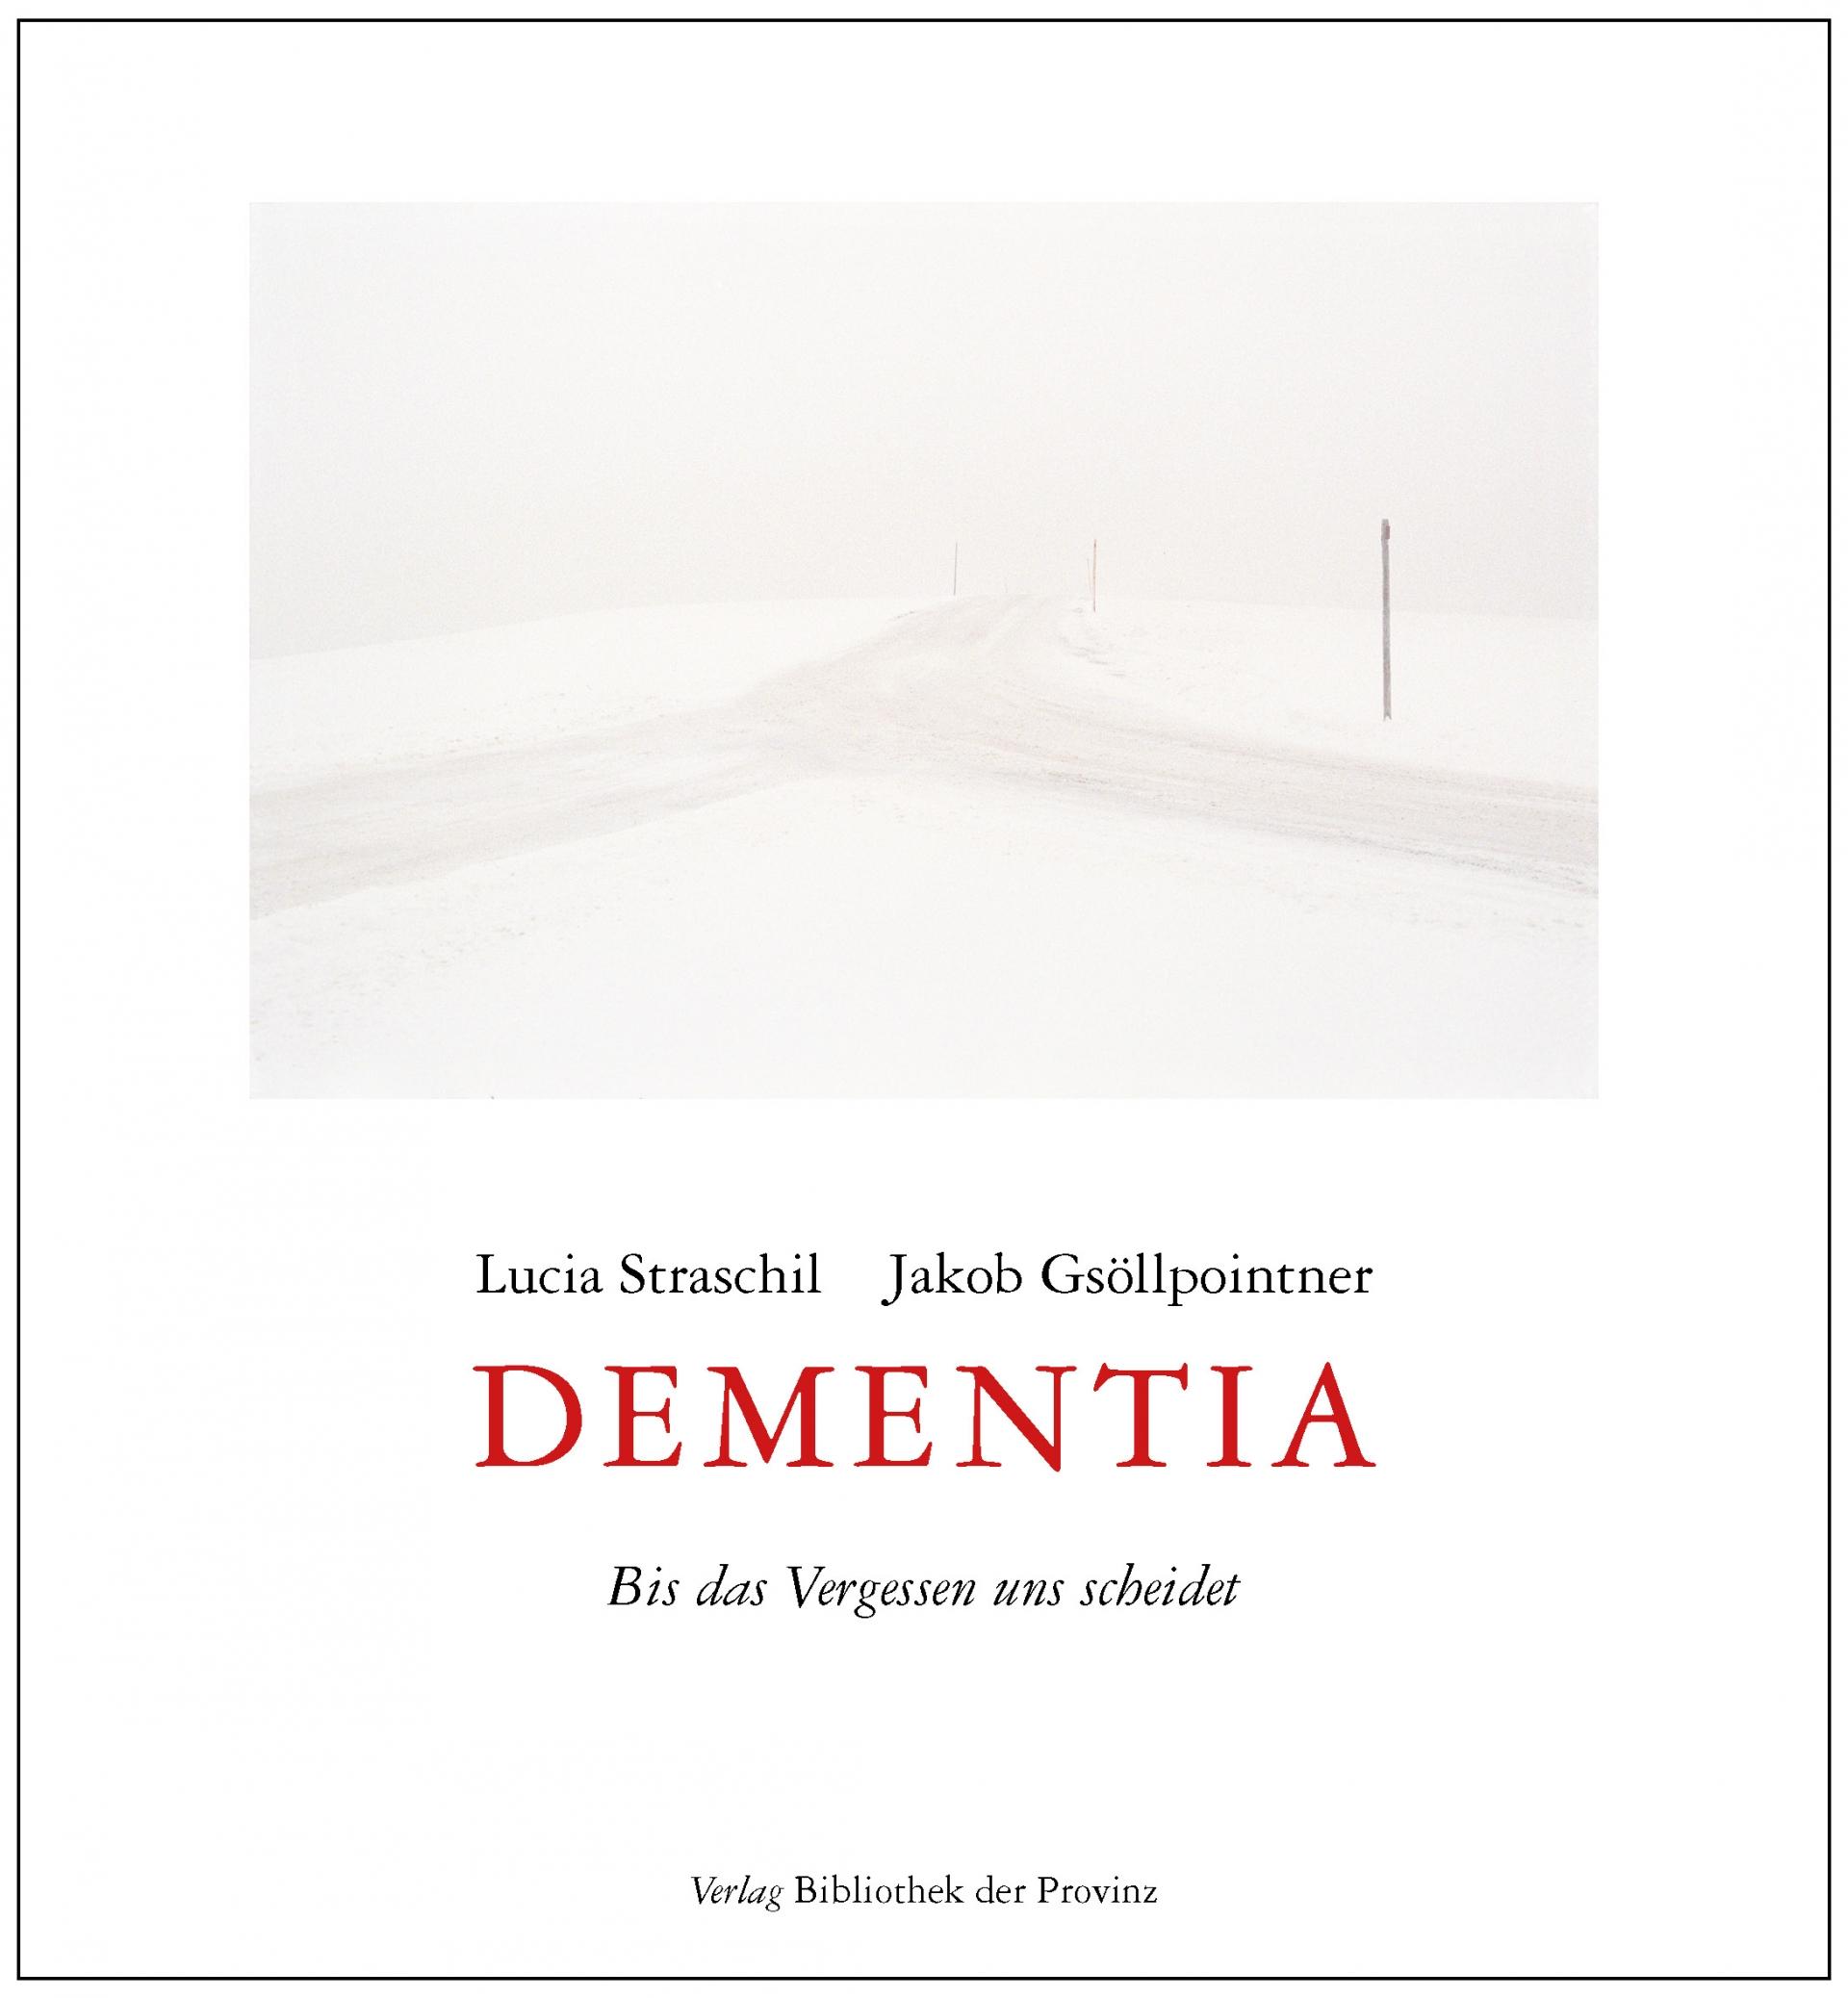 J. Gsoellpointner Dementia